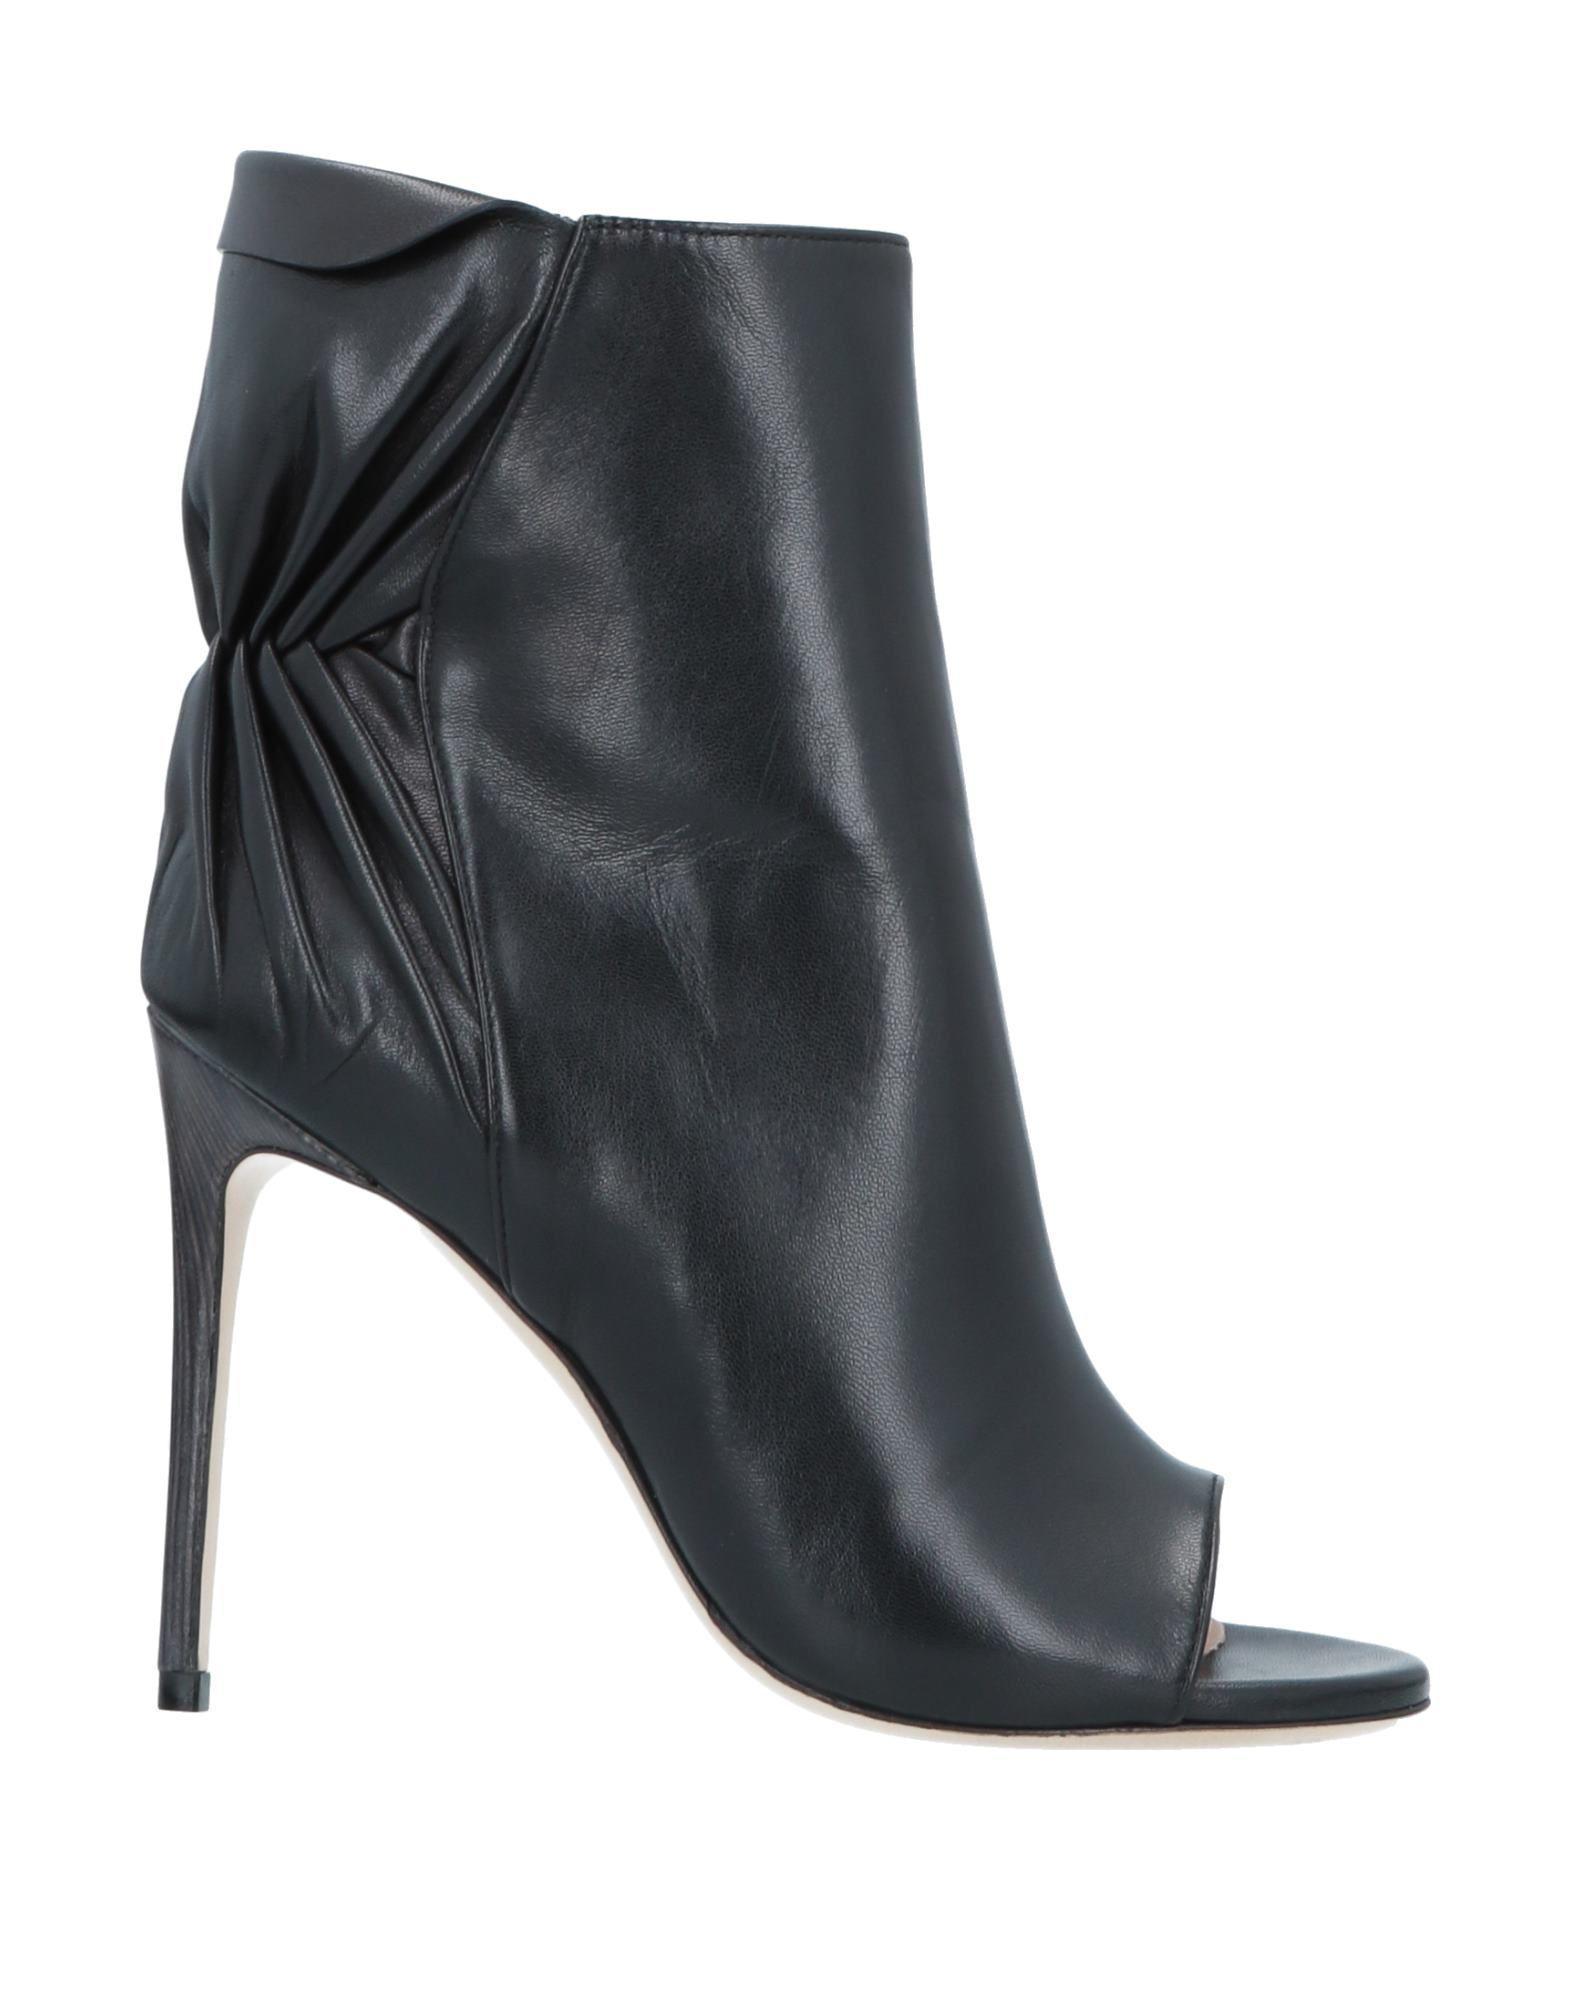 e7e139be8130 Lyst - Aldo Castagna Ankle Boots in Black